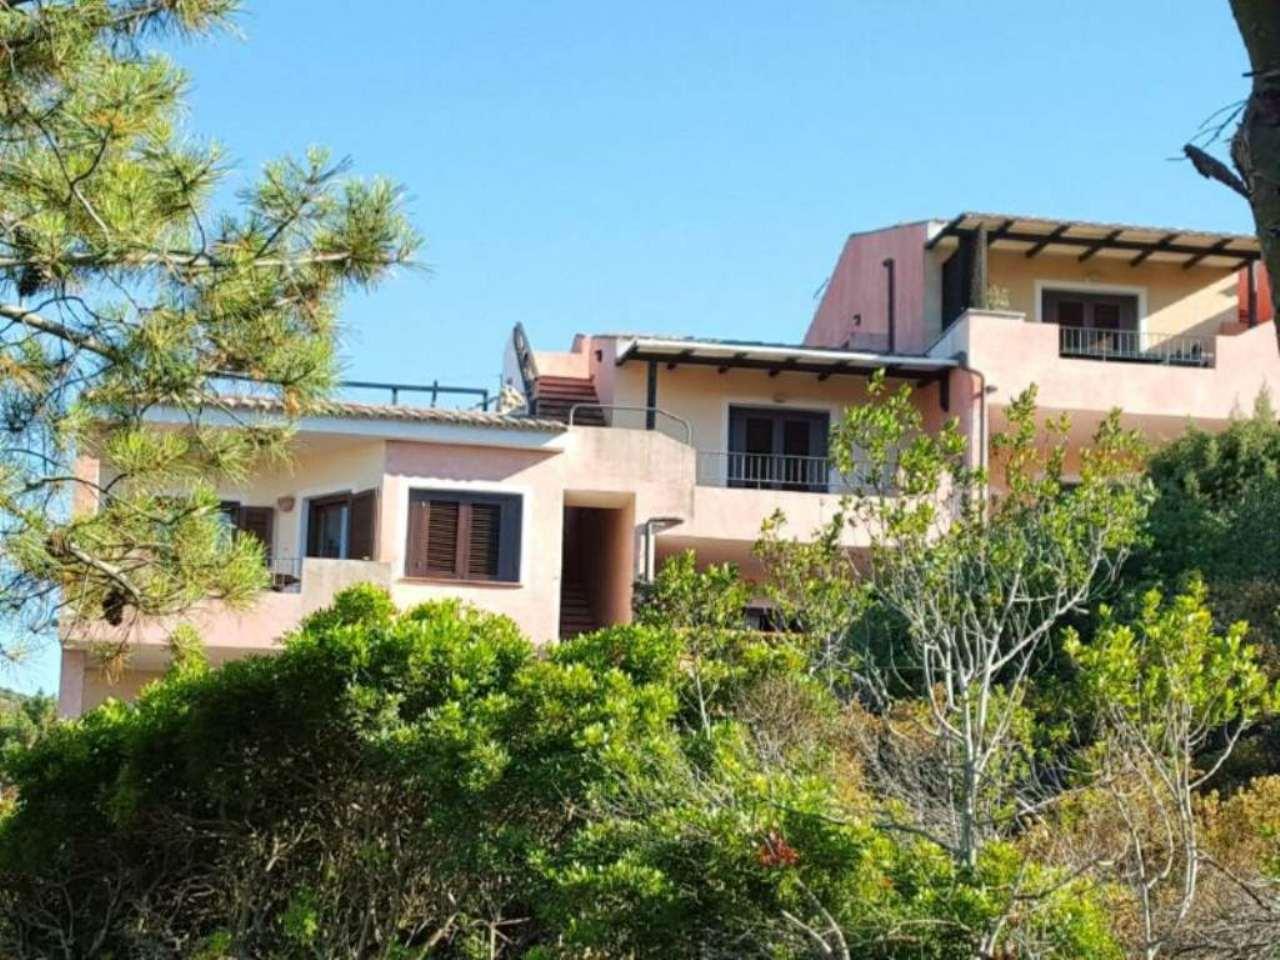 Appartamento in vendita a Tempio Pausania, 4 locali, prezzo € 210.000 | CambioCasa.it